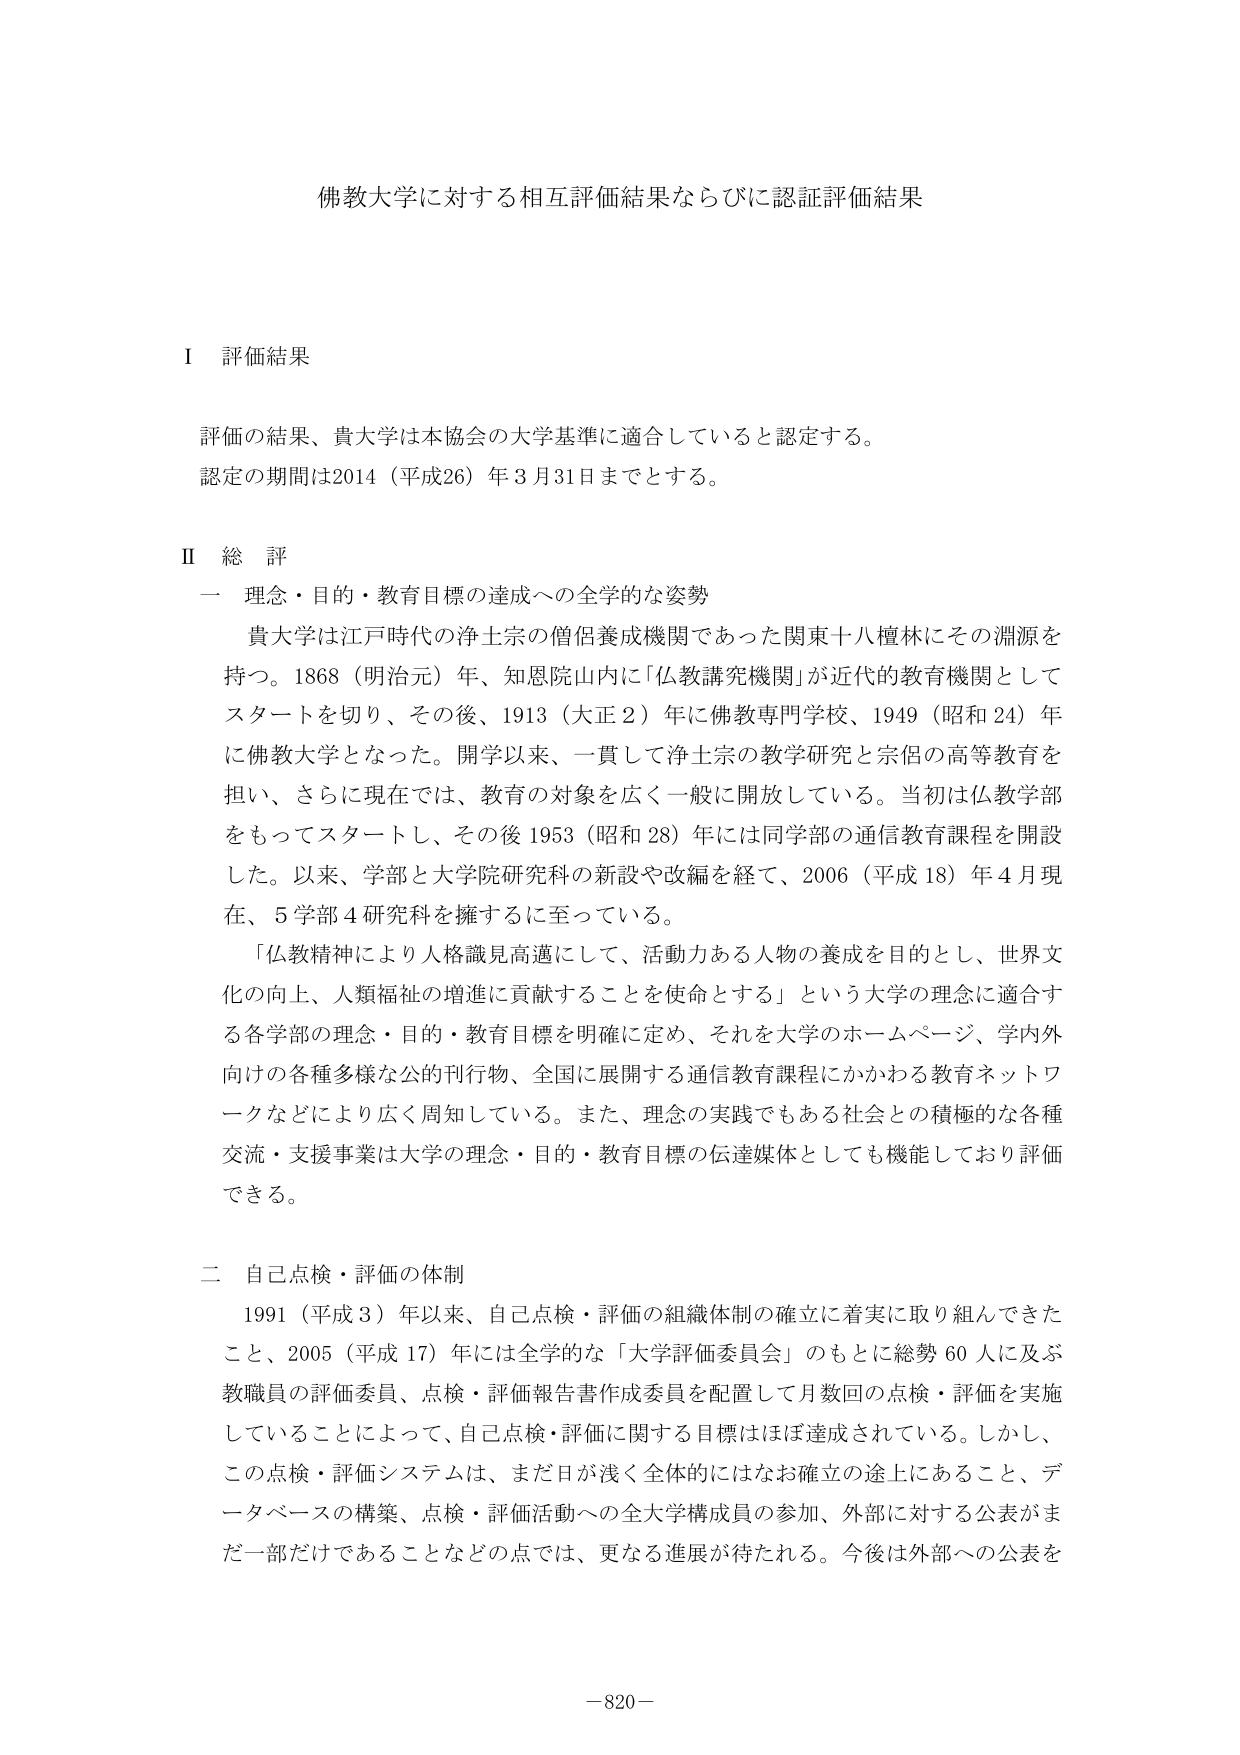 財団法人 大学基準協会「佛教大学に対する相互評価結果ならびに認証